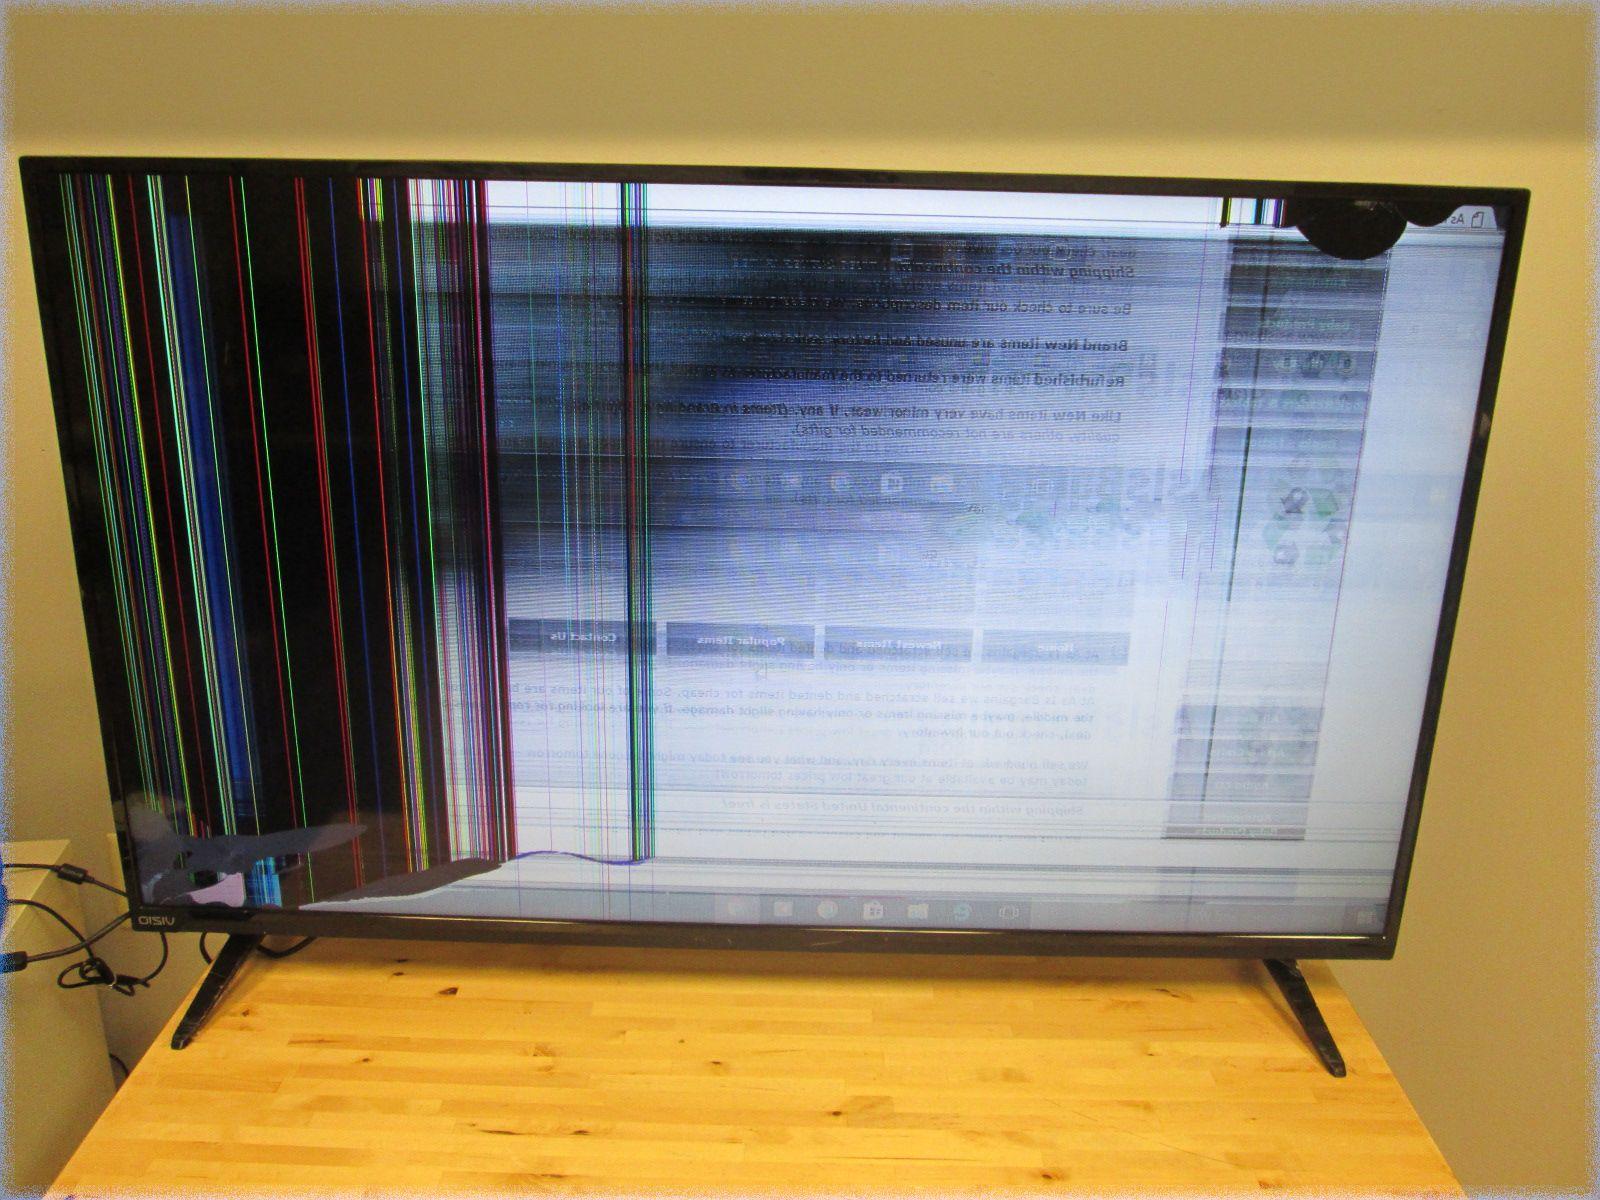 Pin En Todo Sobre Televisores Uhd O 4k Full Hd